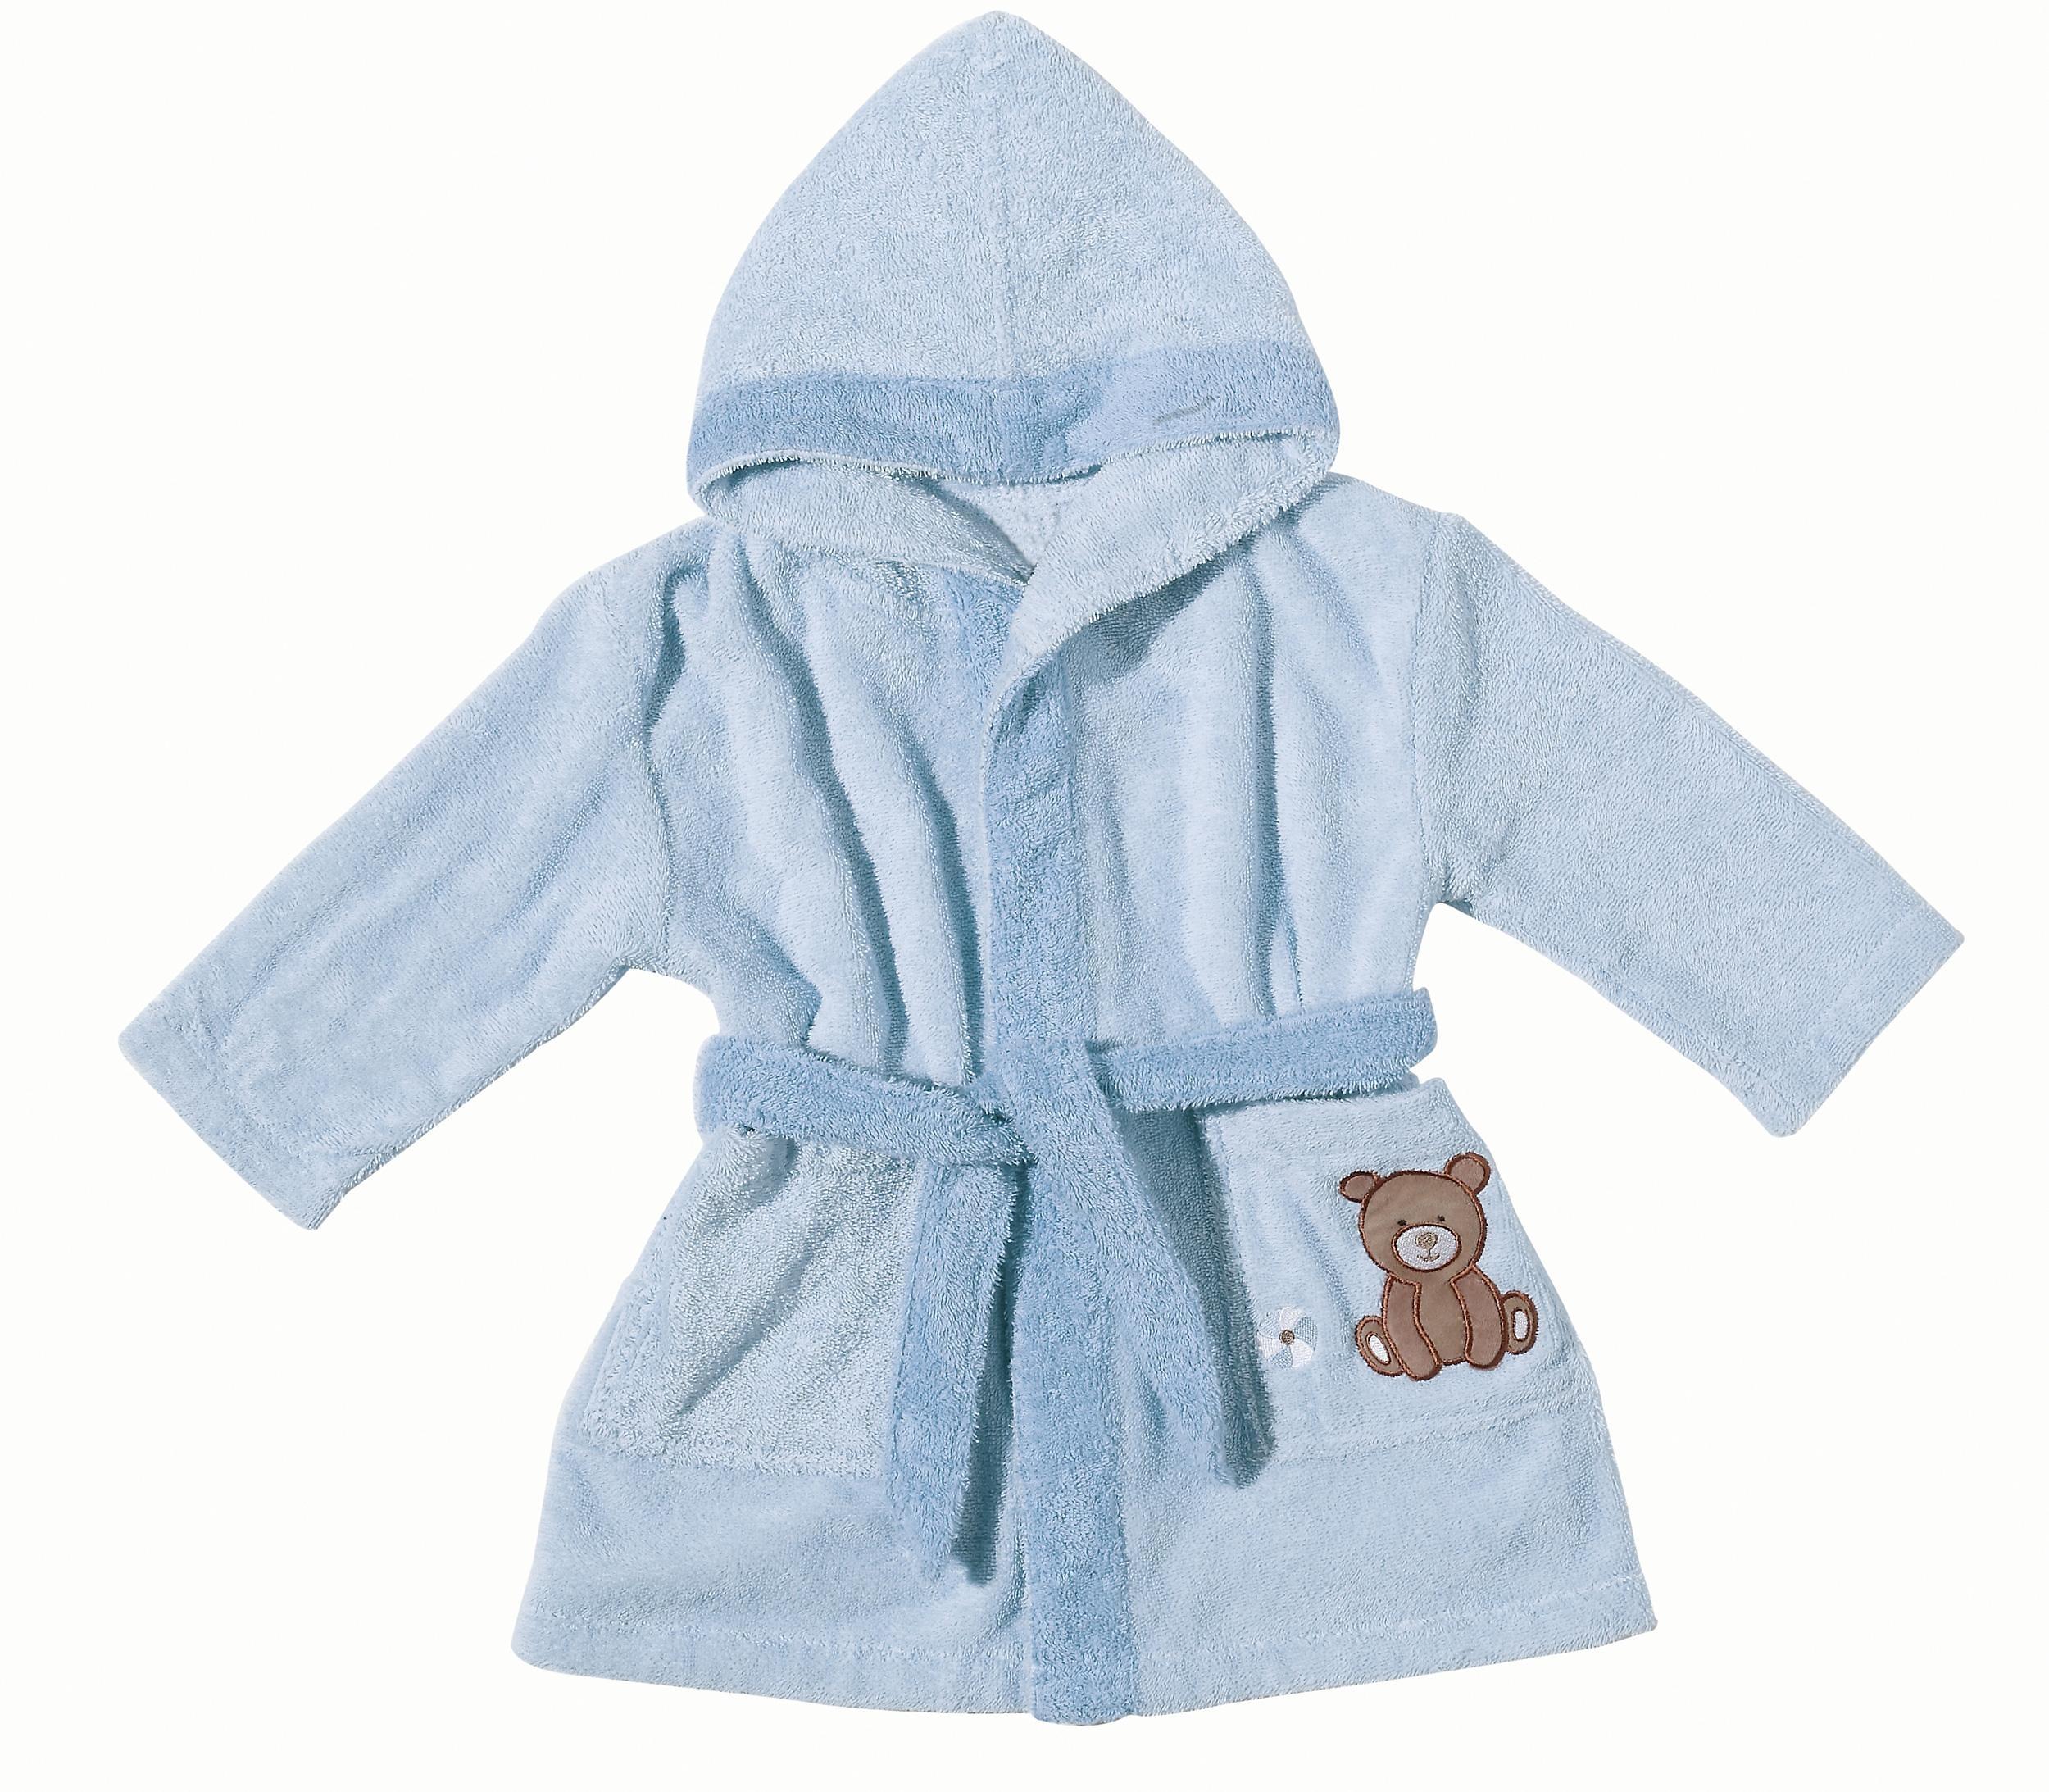 Egeria Babybadjas »Teddy Bear« bestellen: 30 dagen bedenktijd